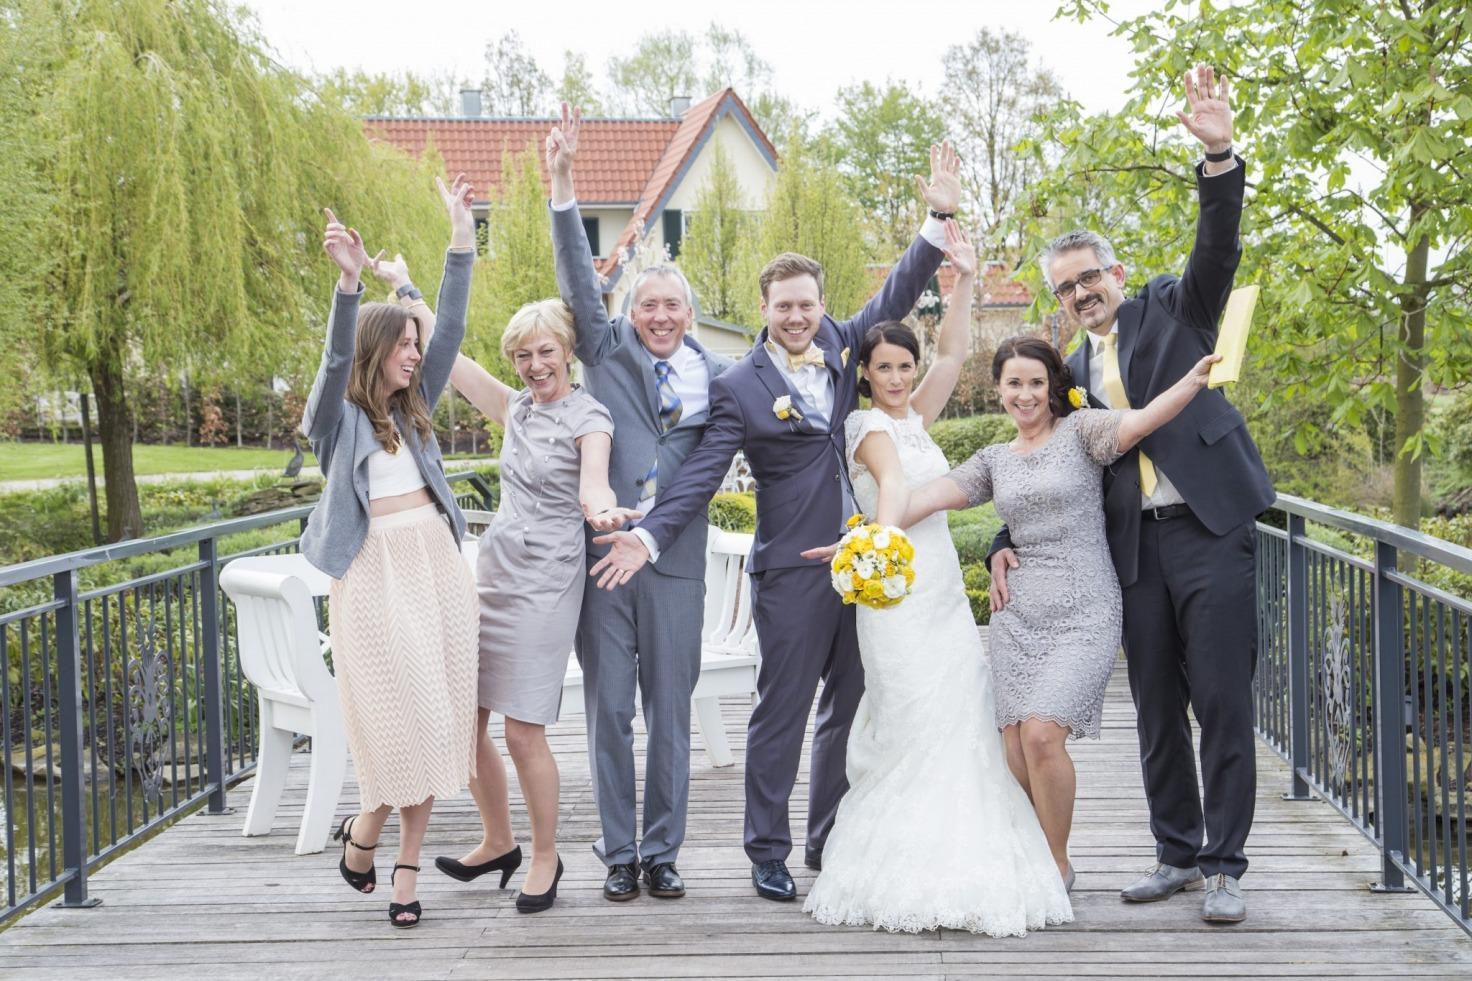 Hochzeit von Jannine und Christian in Münster: Brautpaar mit der Familie